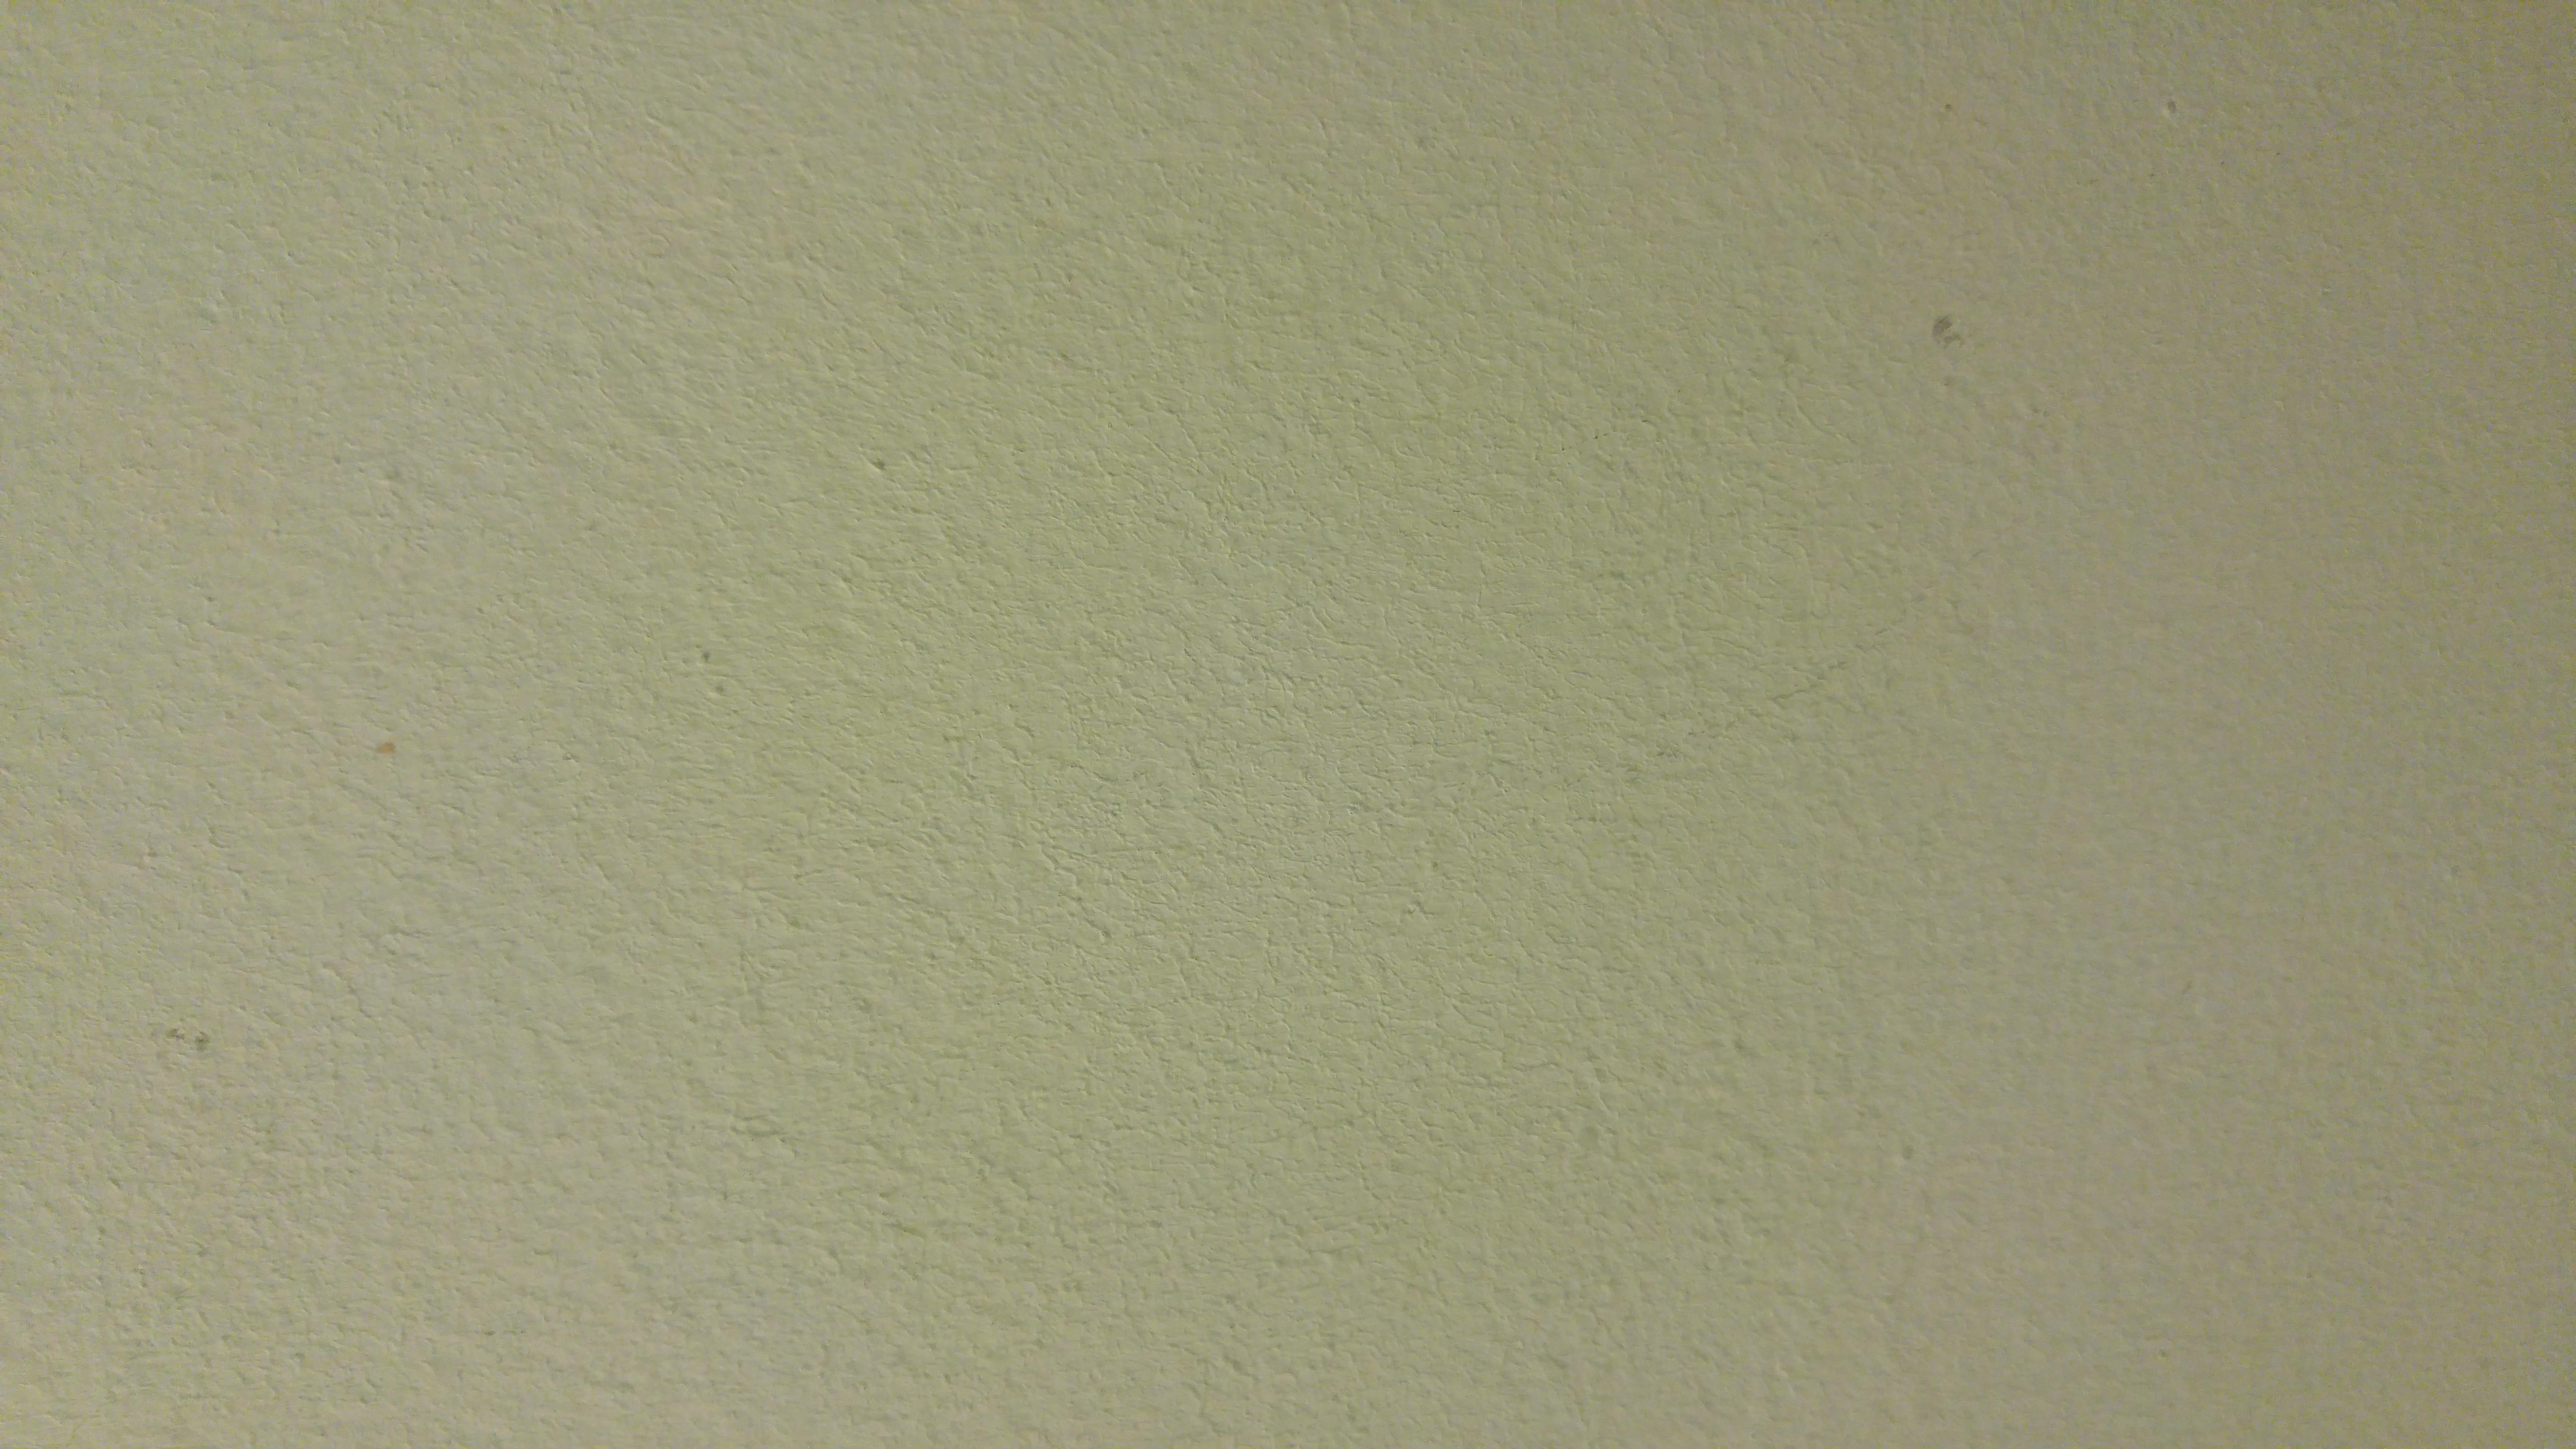 wie sollte ich meine wand bearbeiten renovierung maler streichen. Black Bedroom Furniture Sets. Home Design Ideas